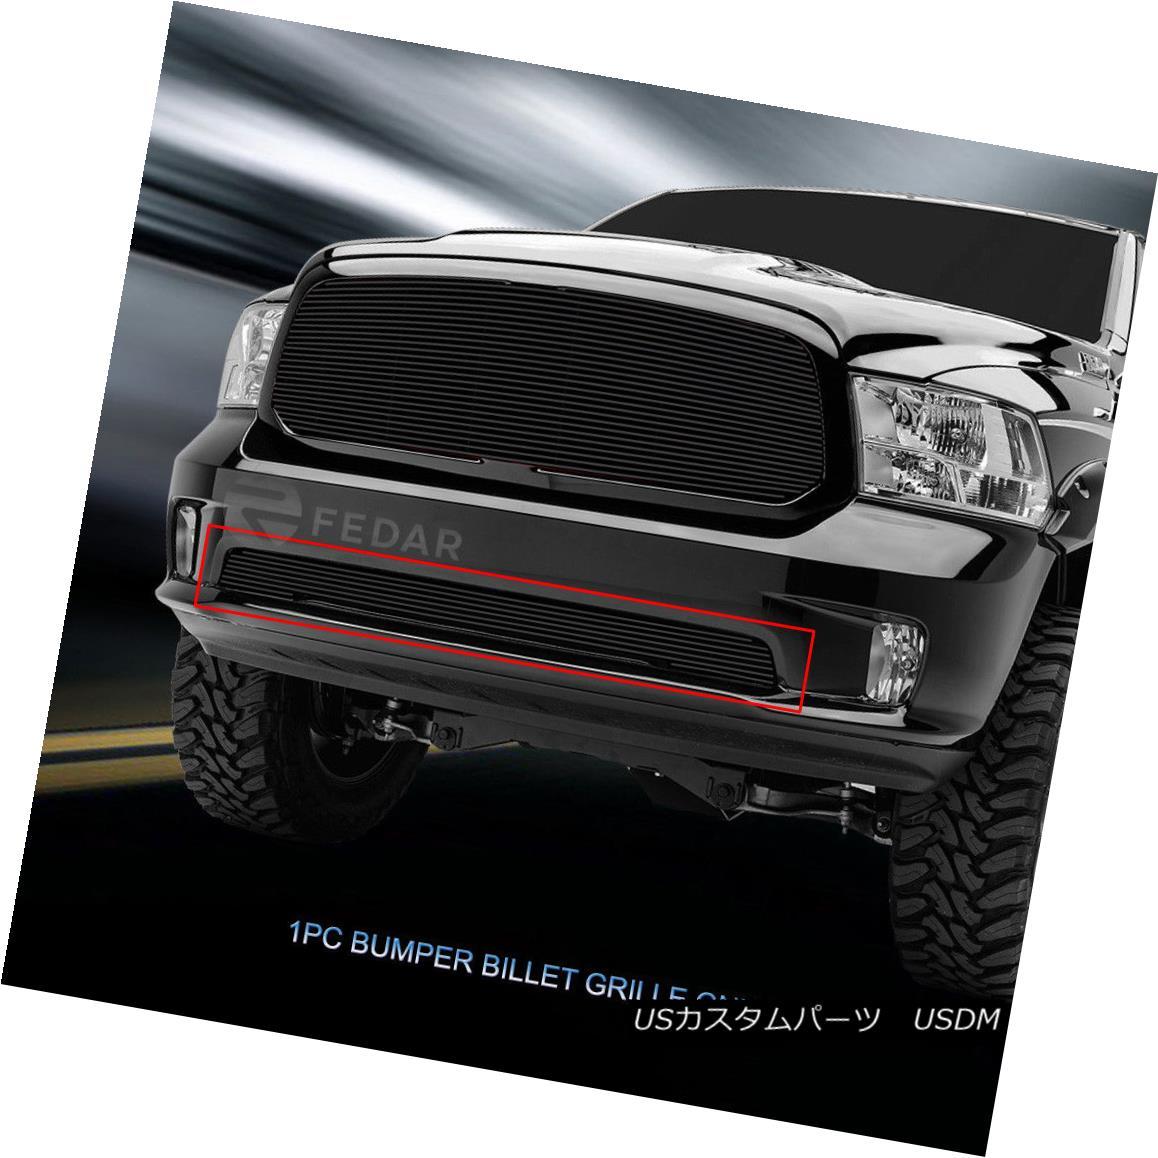 グリル Fedar Fits 2013-2017 Dodge Ram 1500 Black Lower Bumper Billet Grille Insert Fedarは2013-2017年ダッジラム1500 Black Lower Bumper Billet Grille Insert